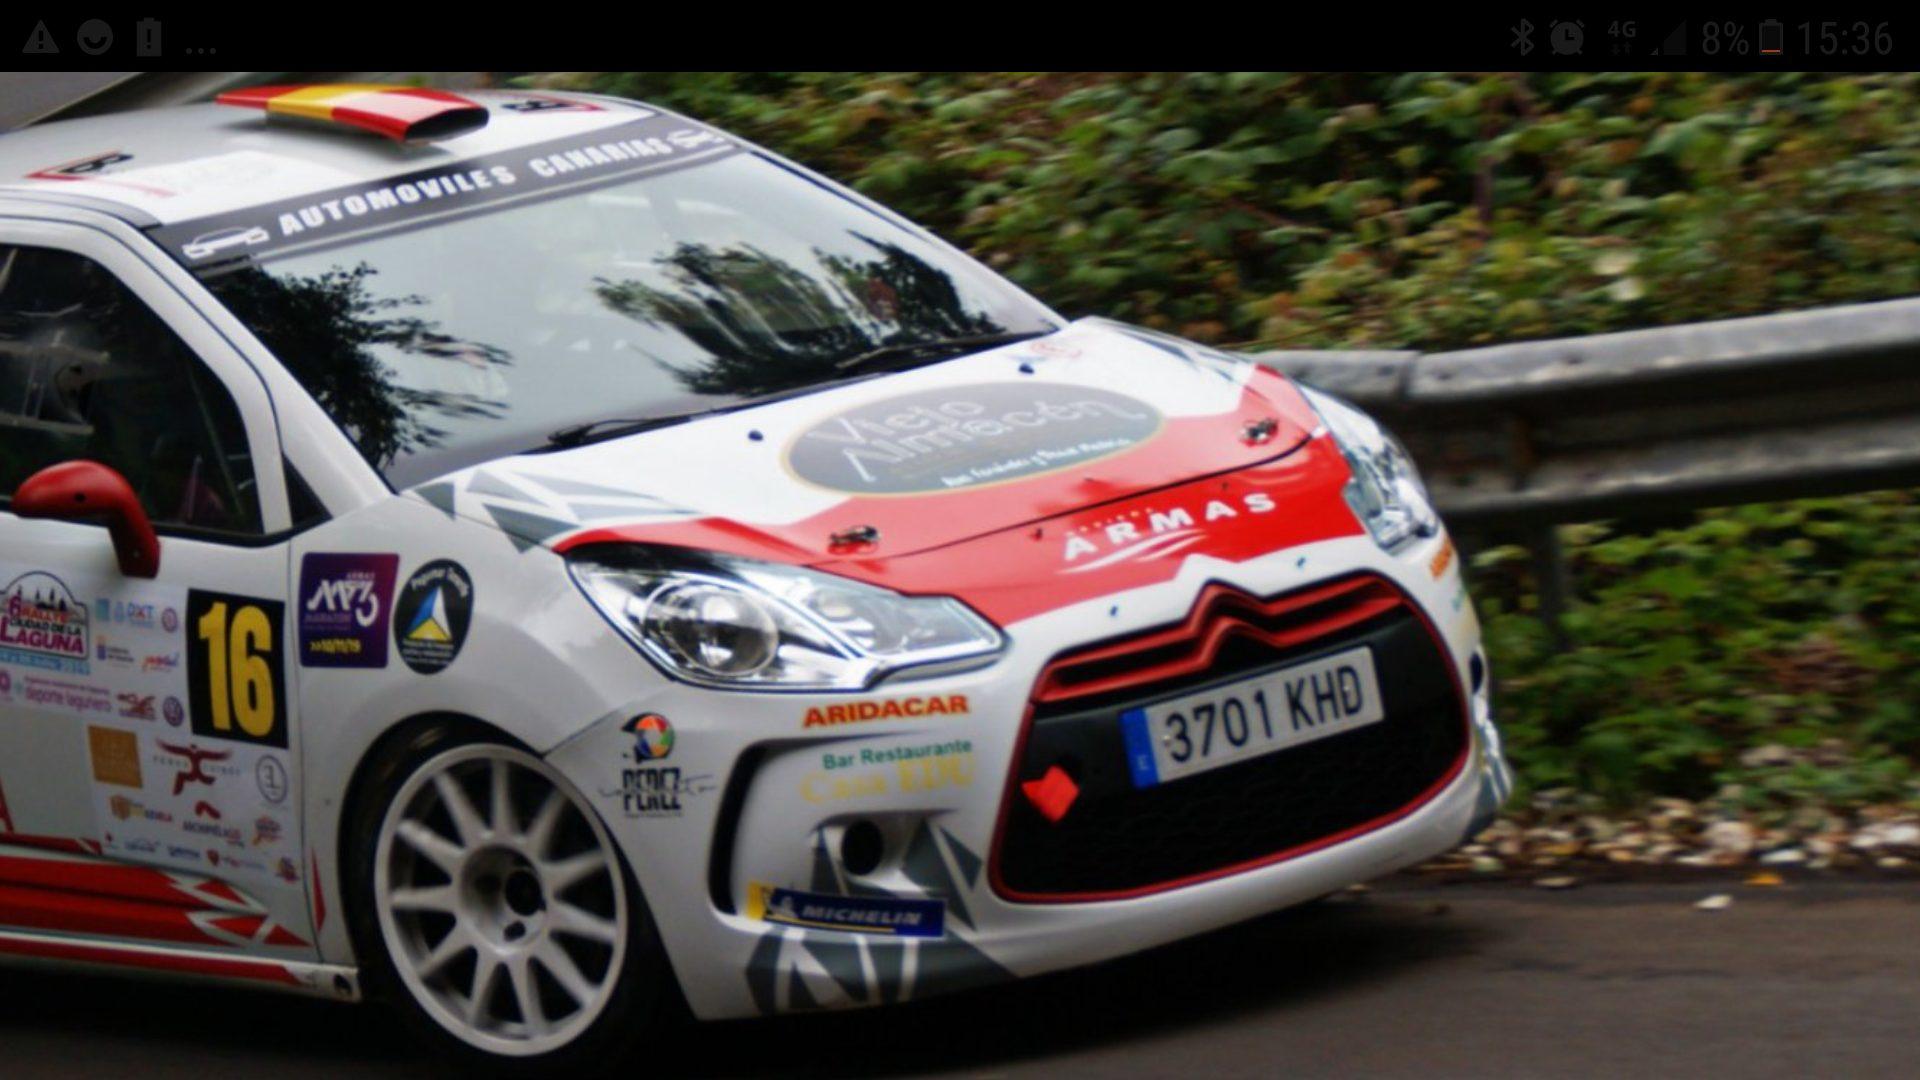 🚗💨 Poca fortuna para el equipo de Naviera Armas ( Domi Guerra-Nazer Ghuneim) en el 🏁 Rally Ciudad de La Laguna.